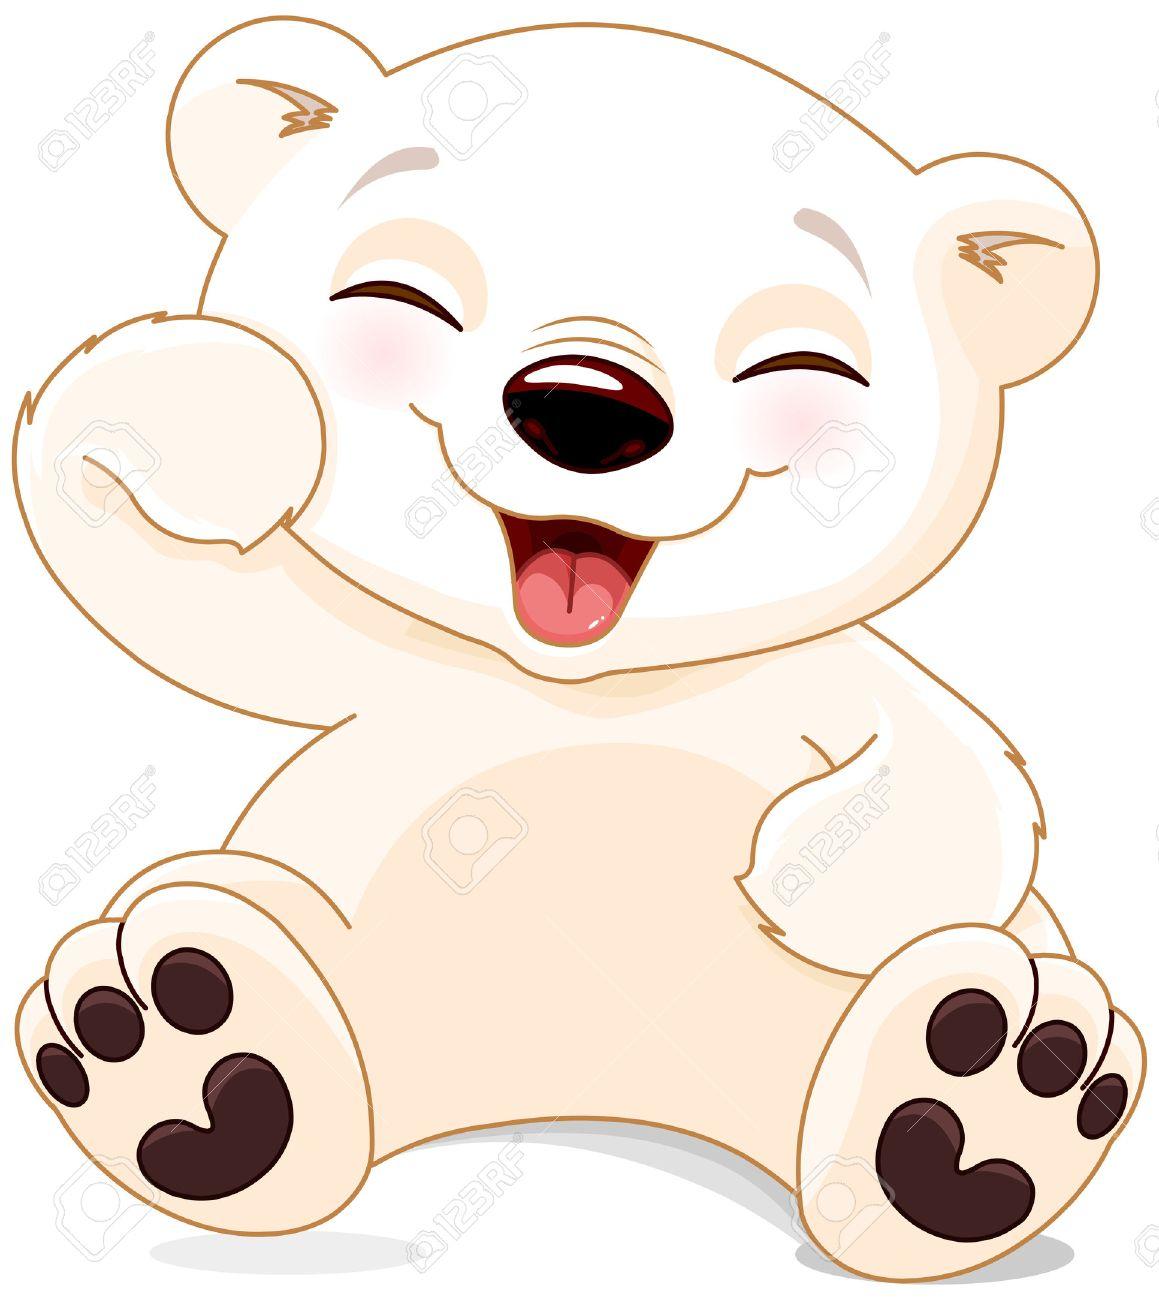 1159x1300 Cute Polar Bear Drawing How To Draw A Polar Bear Cute And Easy